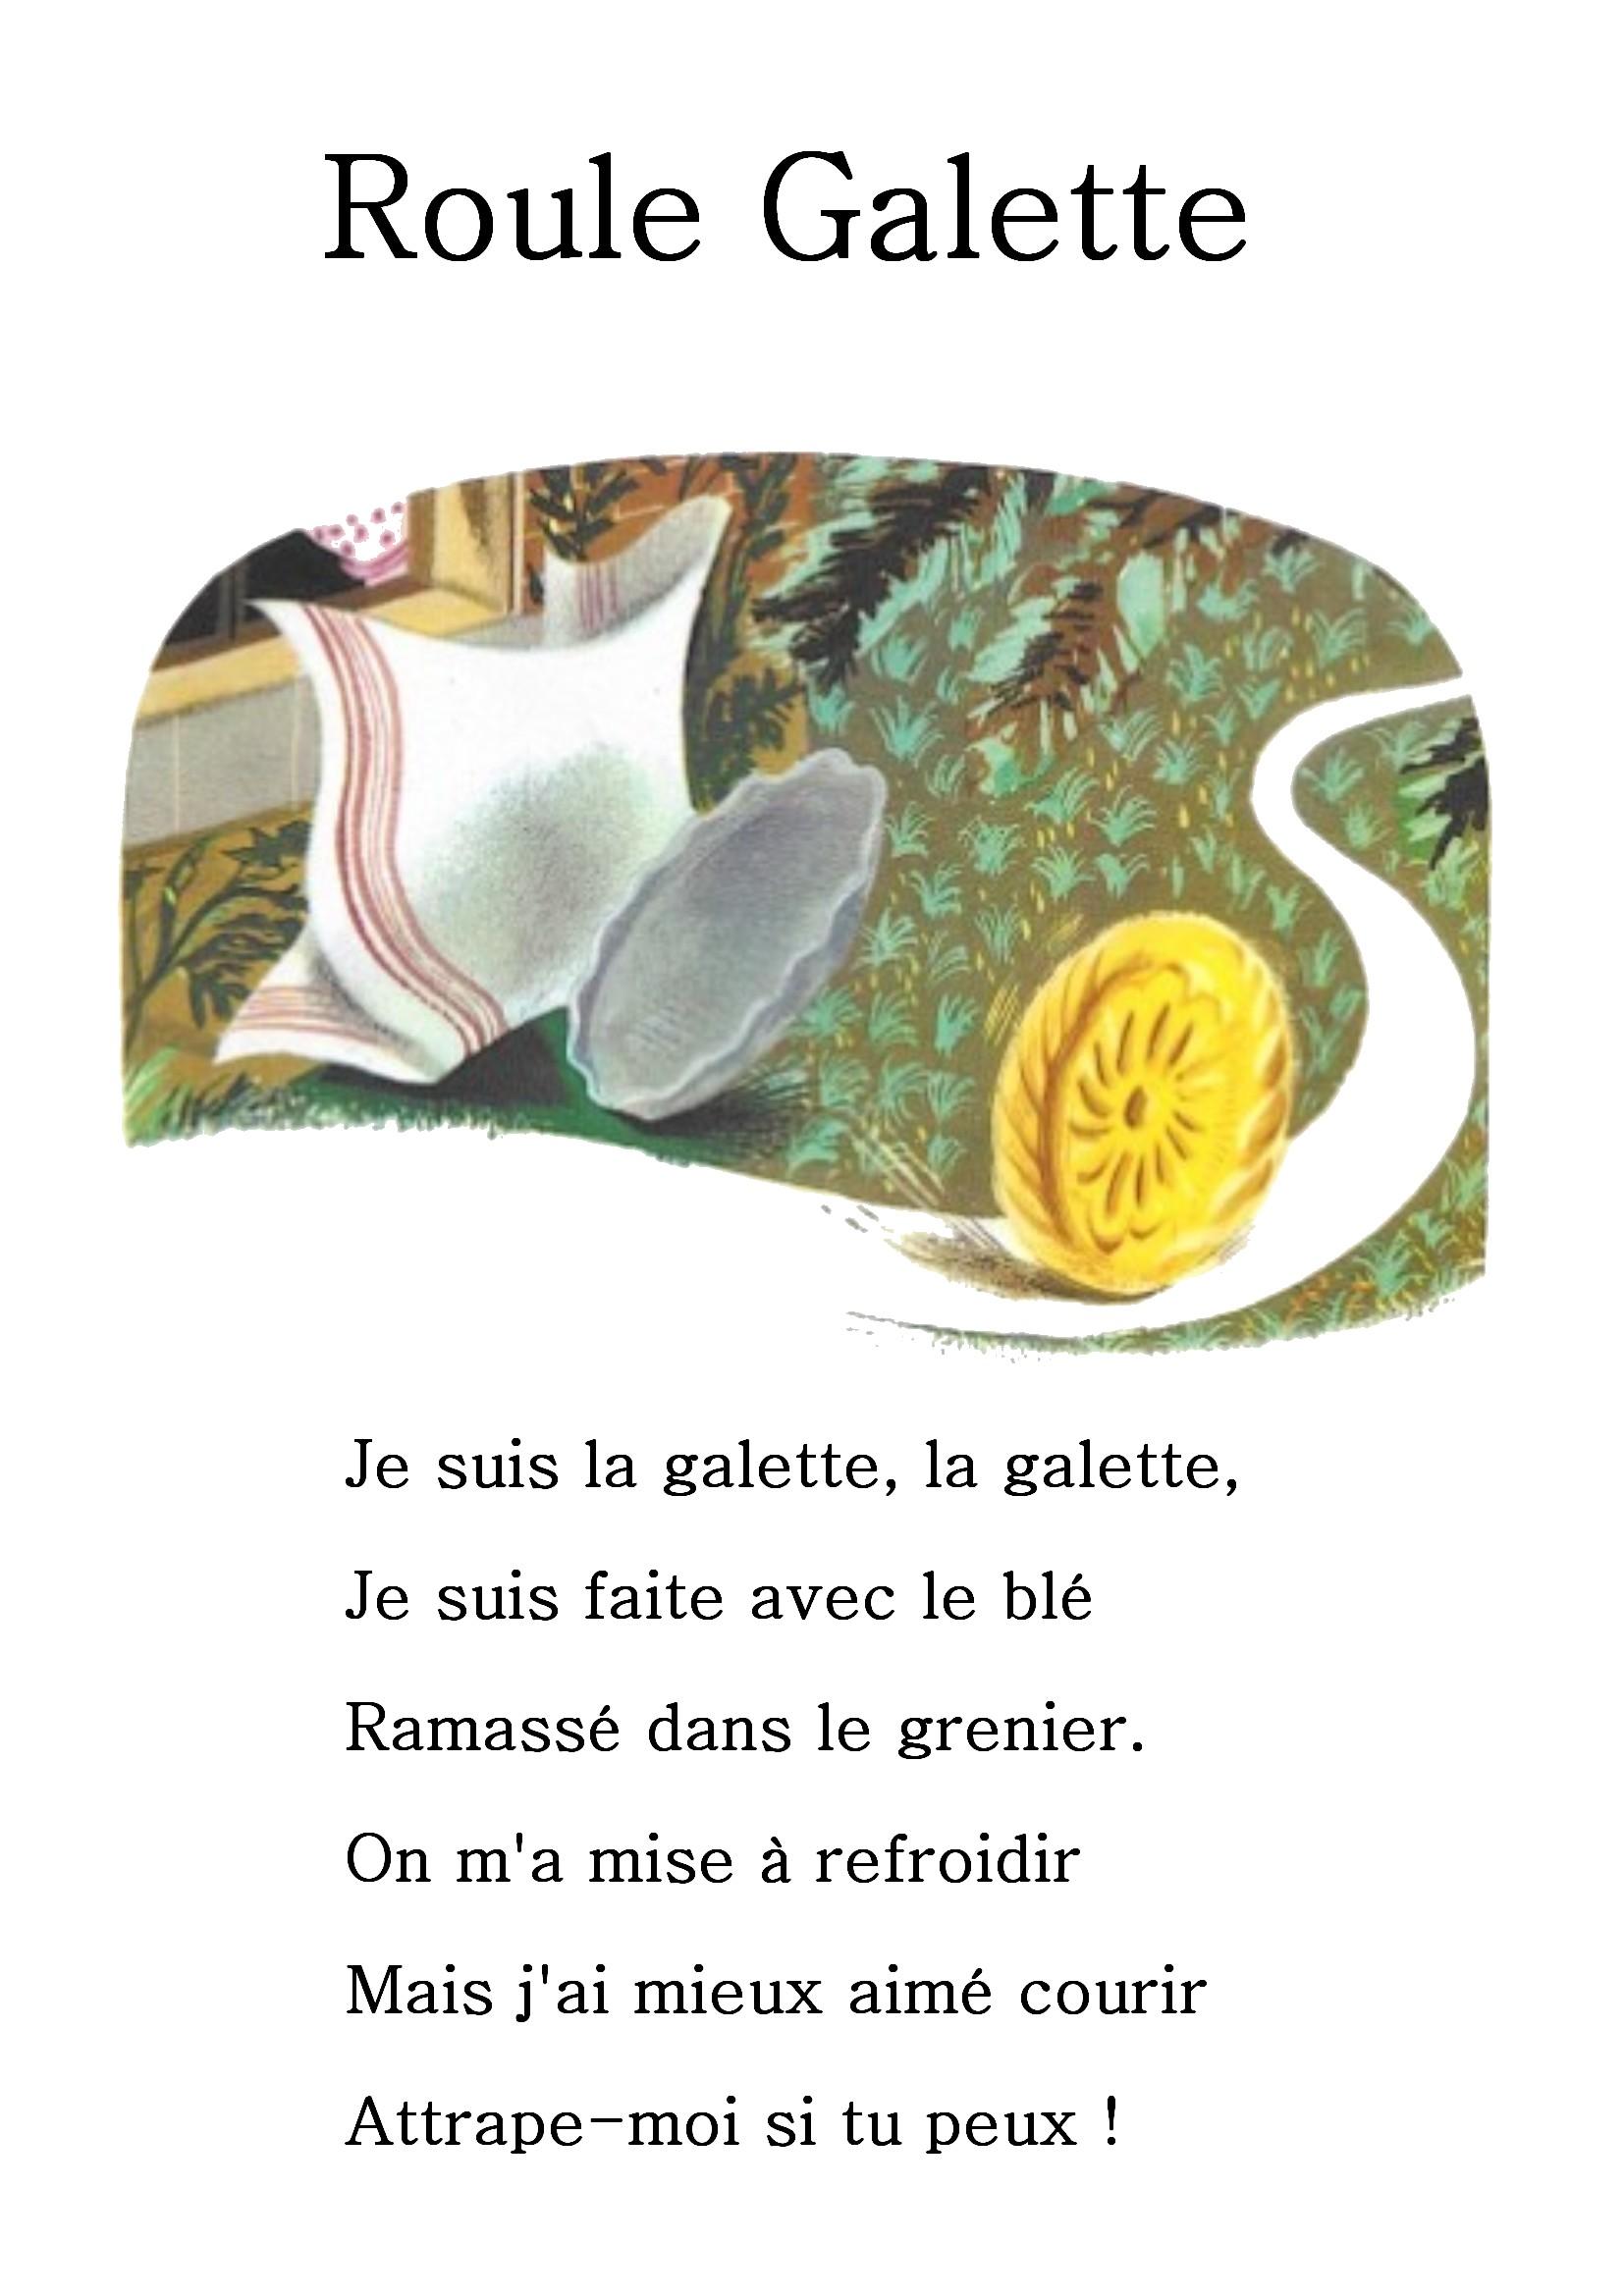 Menu - Le Loup, Le Renard et La Galette à Nantes (44000